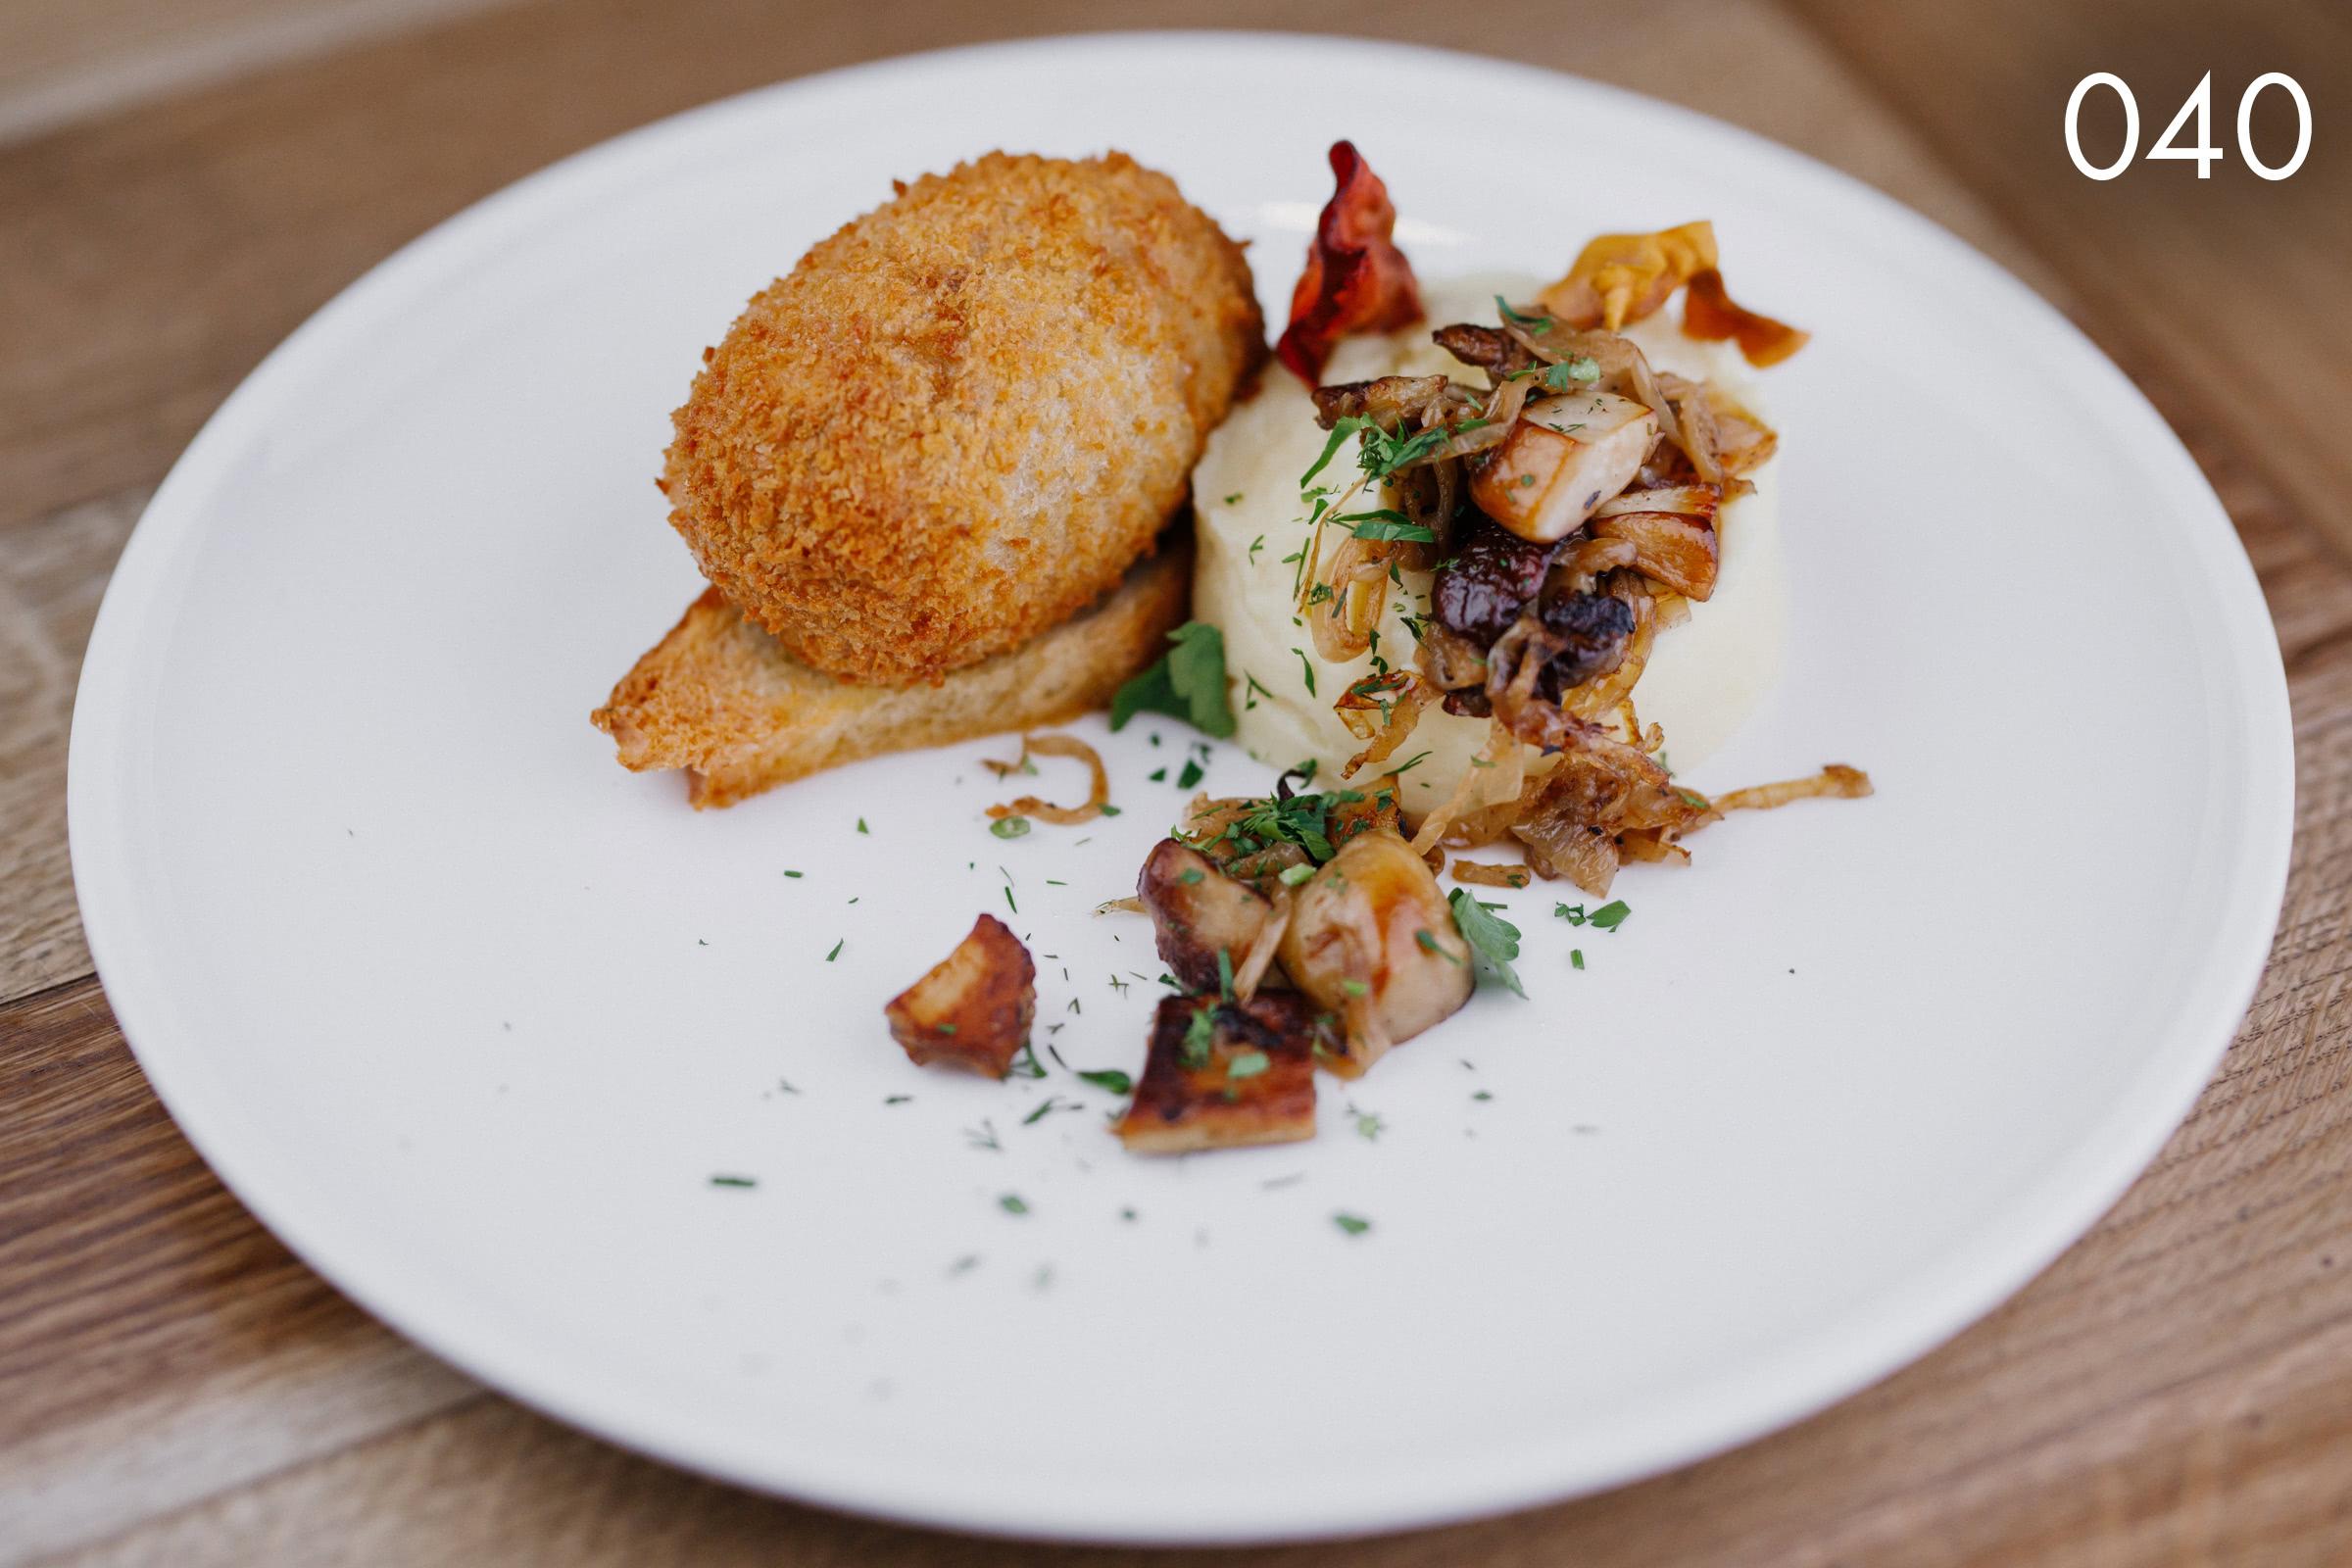 котлета по-киевски из индейки, с картофельным пюре и лесными грибами в ресторане Веранда